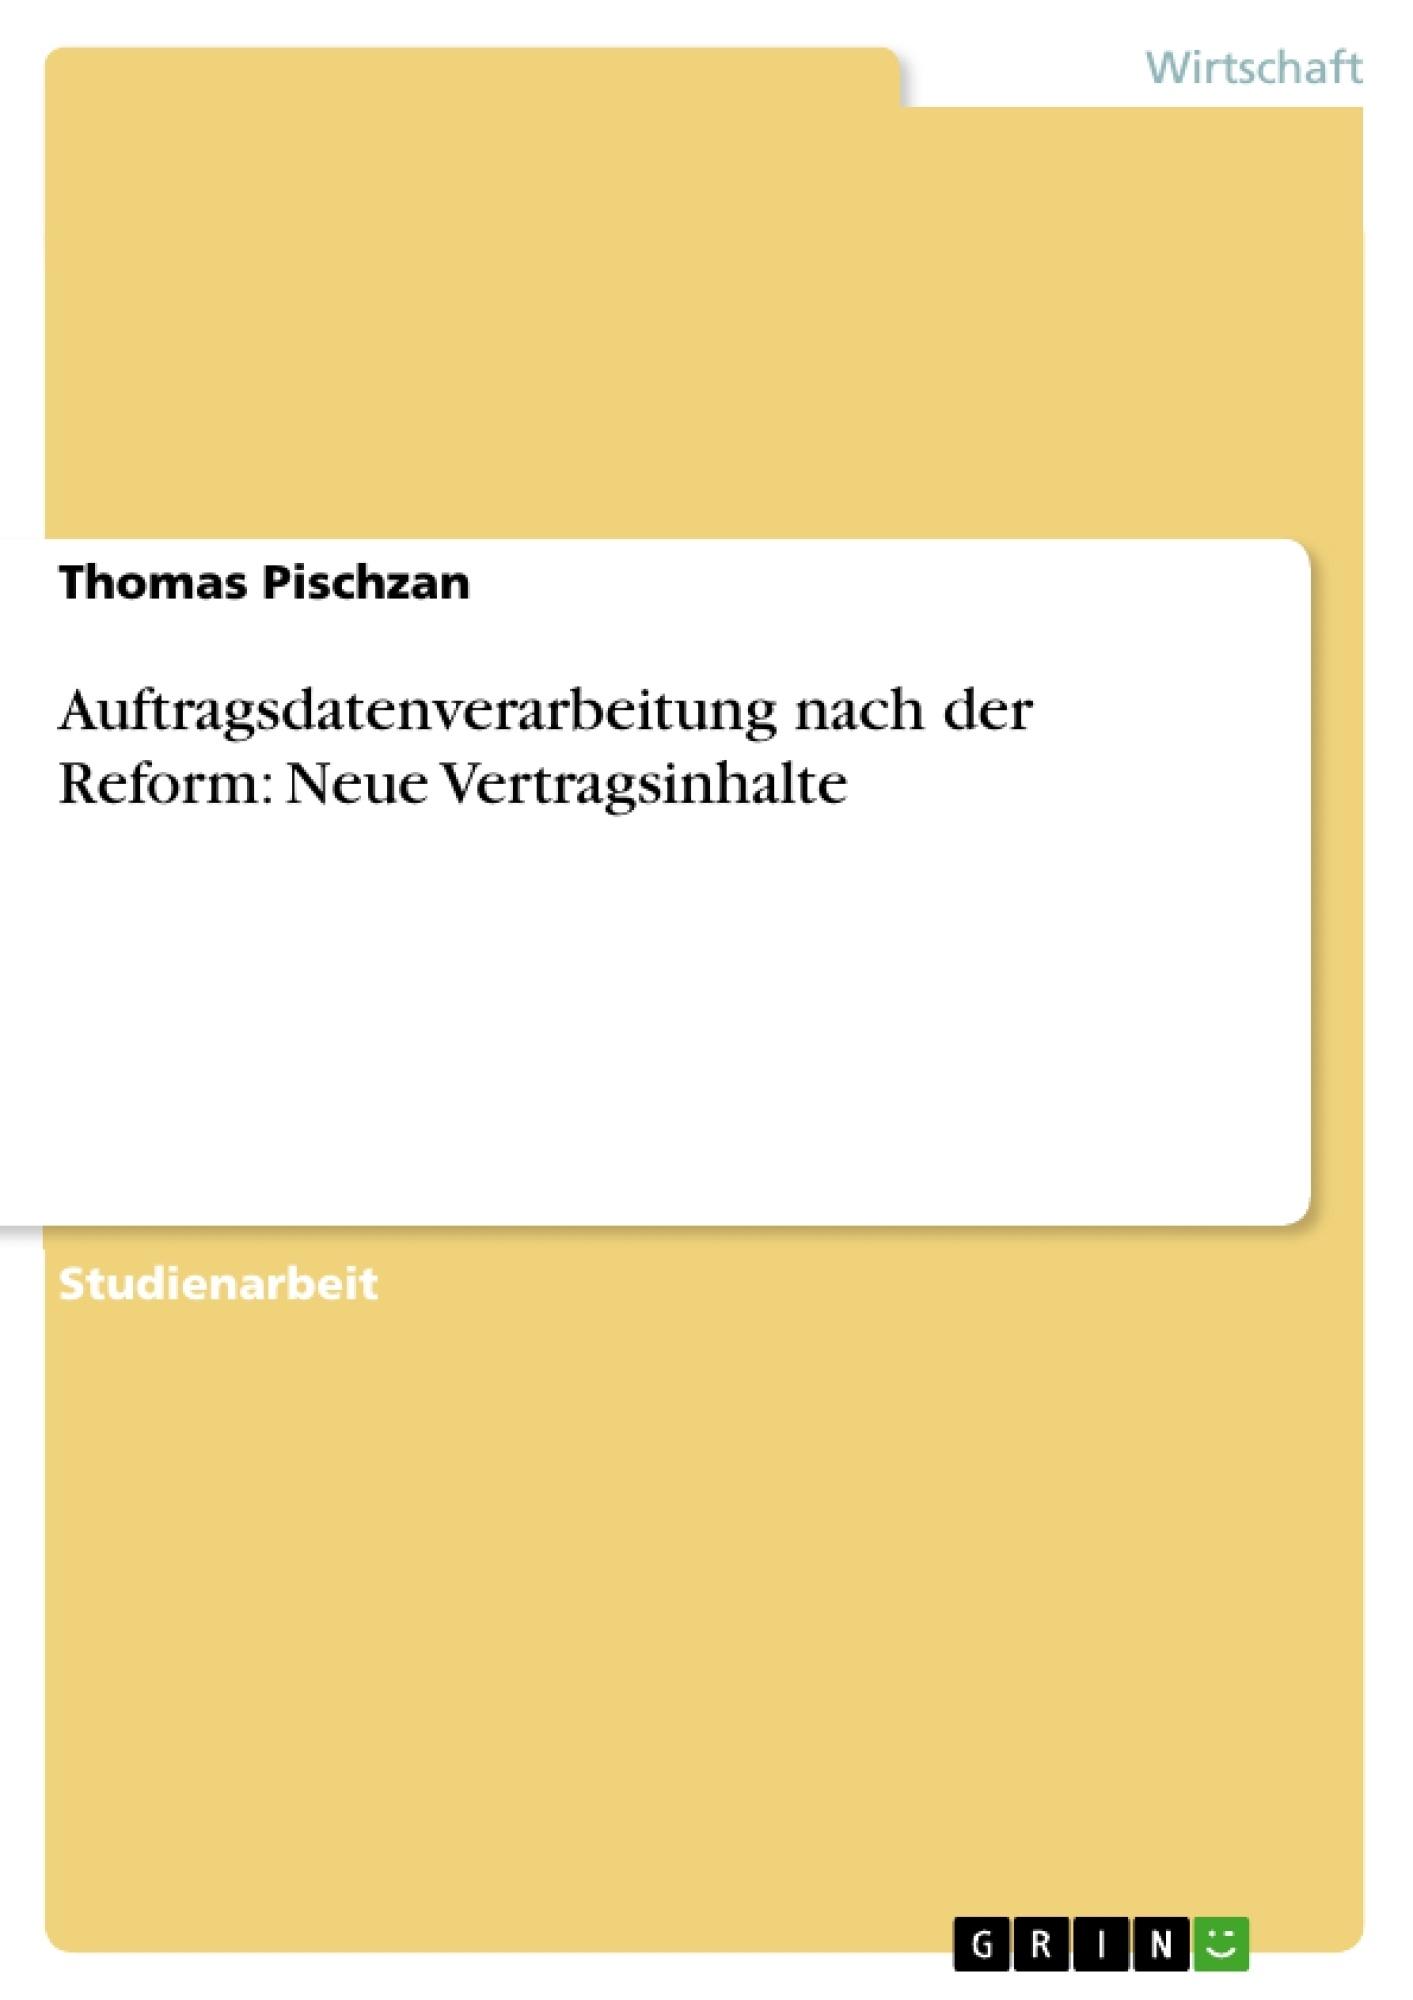 Titel: Auftragsdatenverarbeitung nach der Reform: Neue Vertragsinhalte